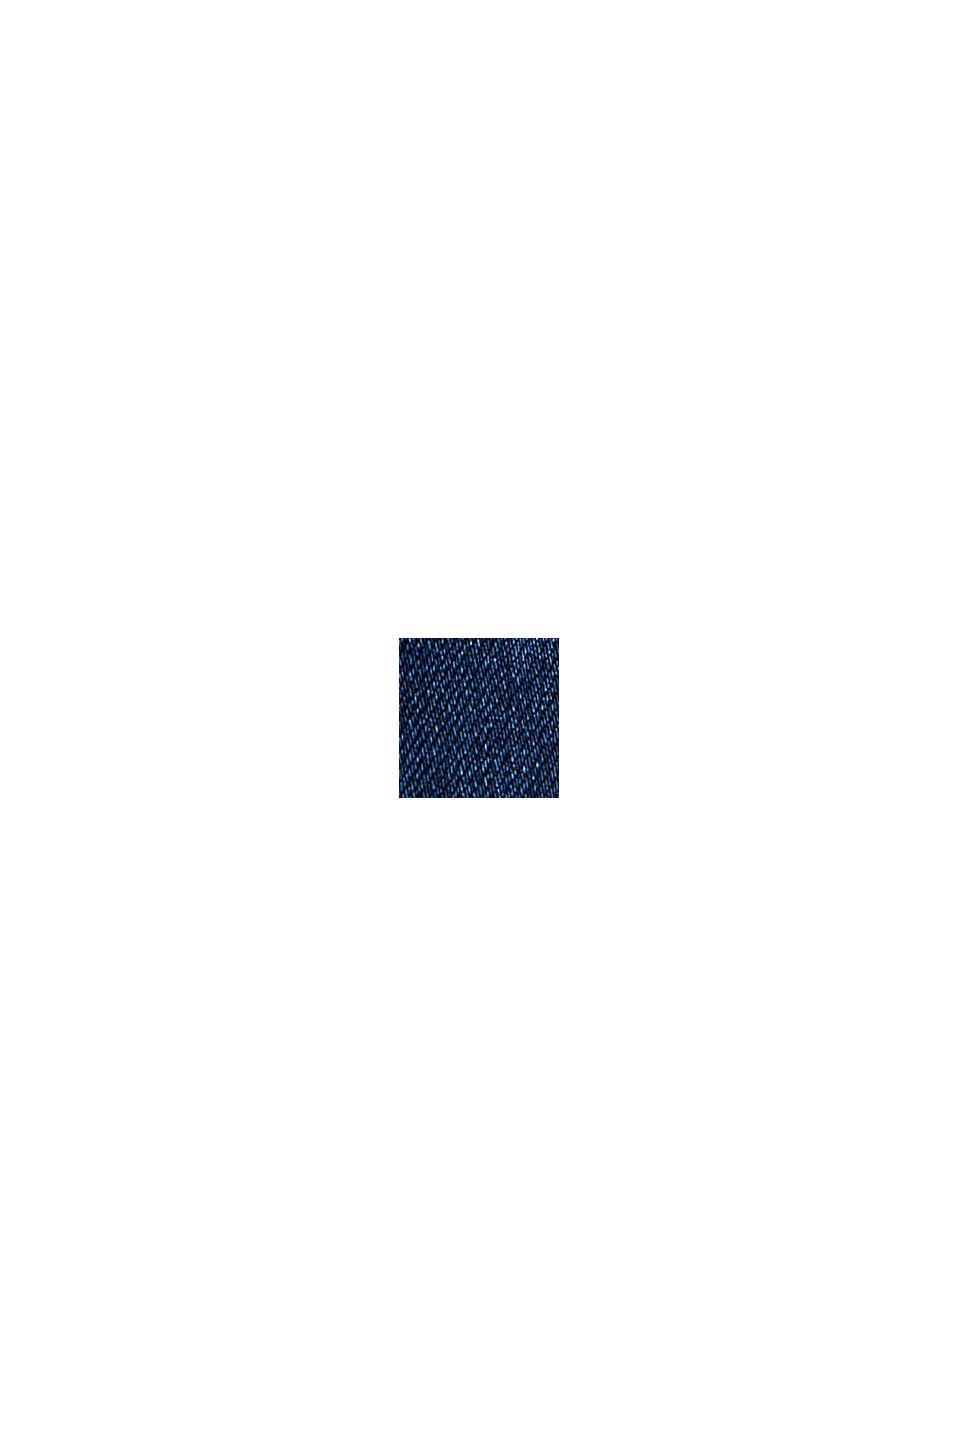 Jeans i jogger-stil af bomuldsblanding, BLUE DARK WASHED, swatch